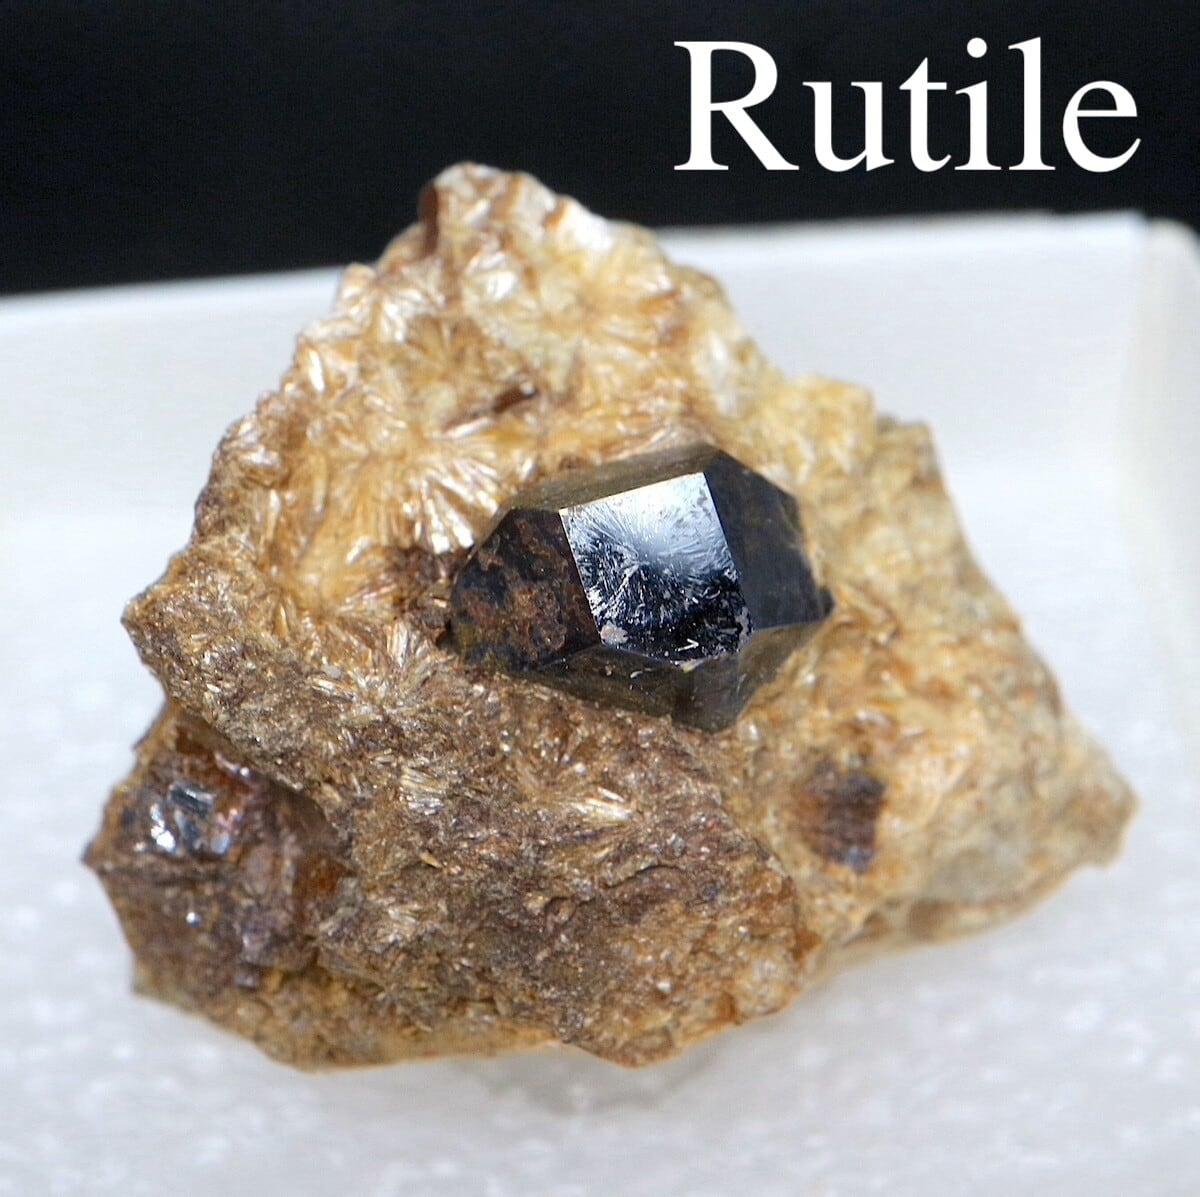 カリフォルニア産 ルチル 金紅石 原石 12,2g RUT005 鉱物 標本 原石 天然石